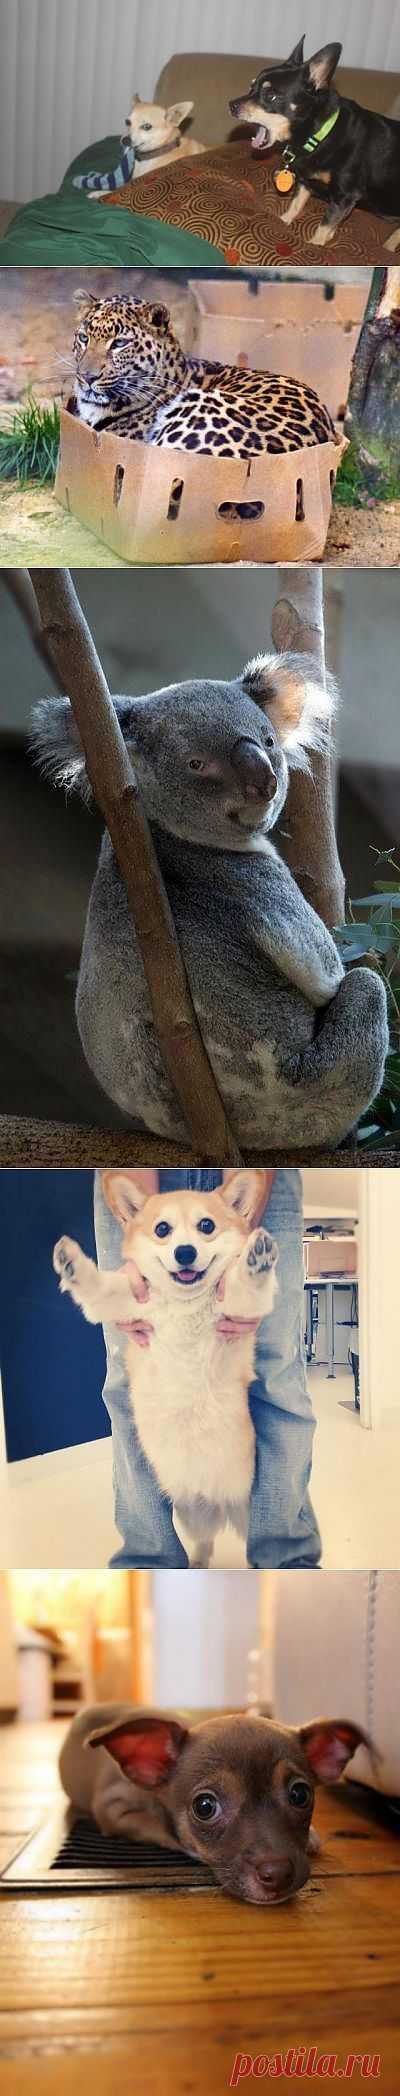 Забавные животные. Новая часть   Всё самое лучшее из интернета